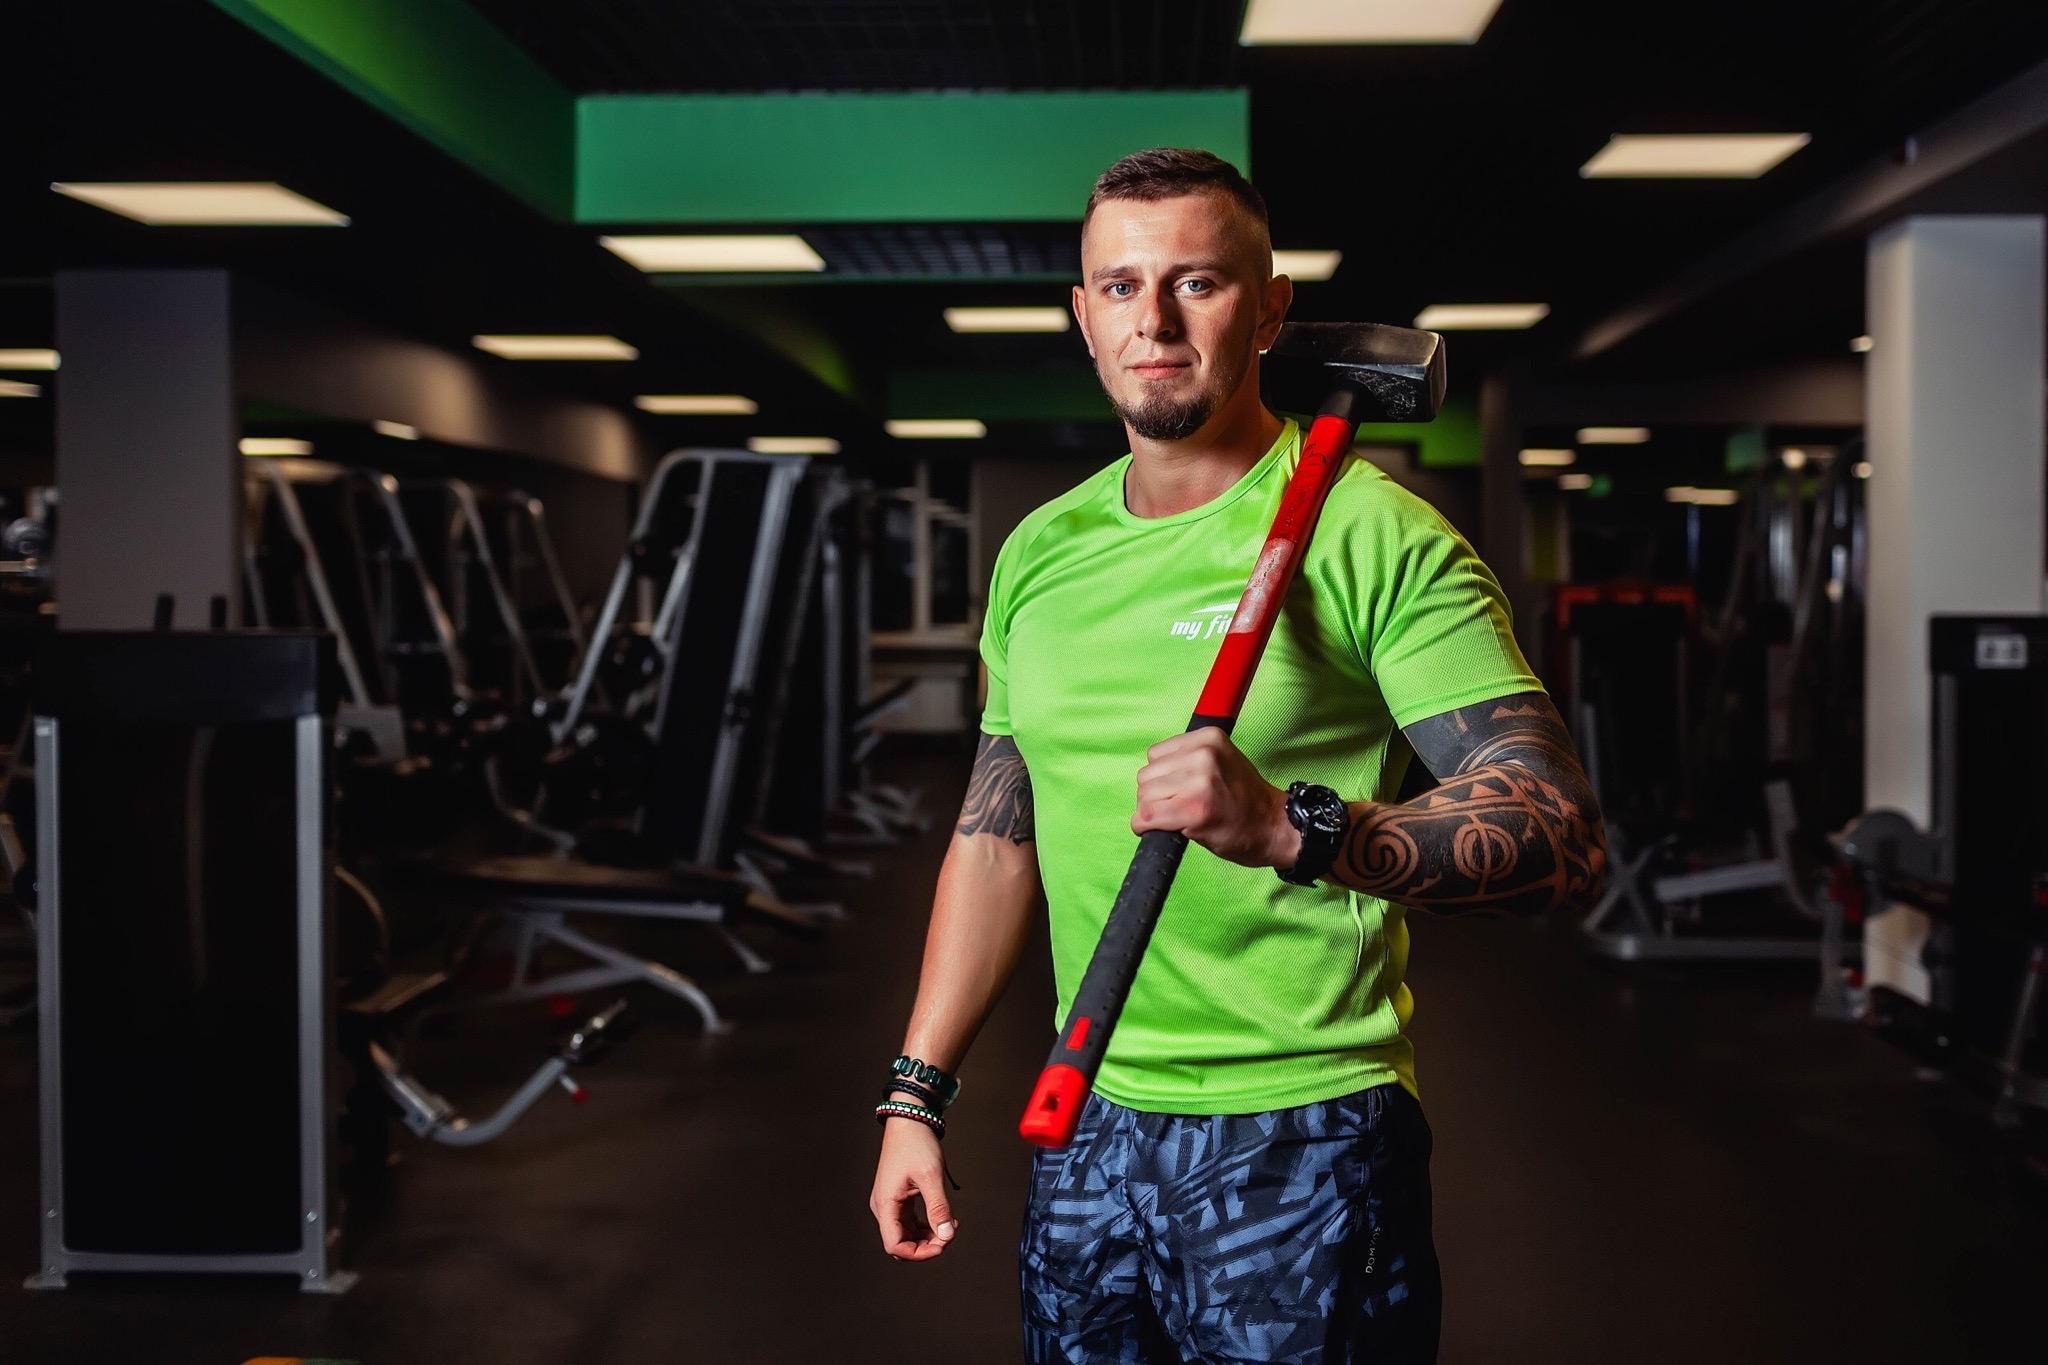 Фитнес-тренер из Твери на самоизоляции пробежал марафонскую дистанцию